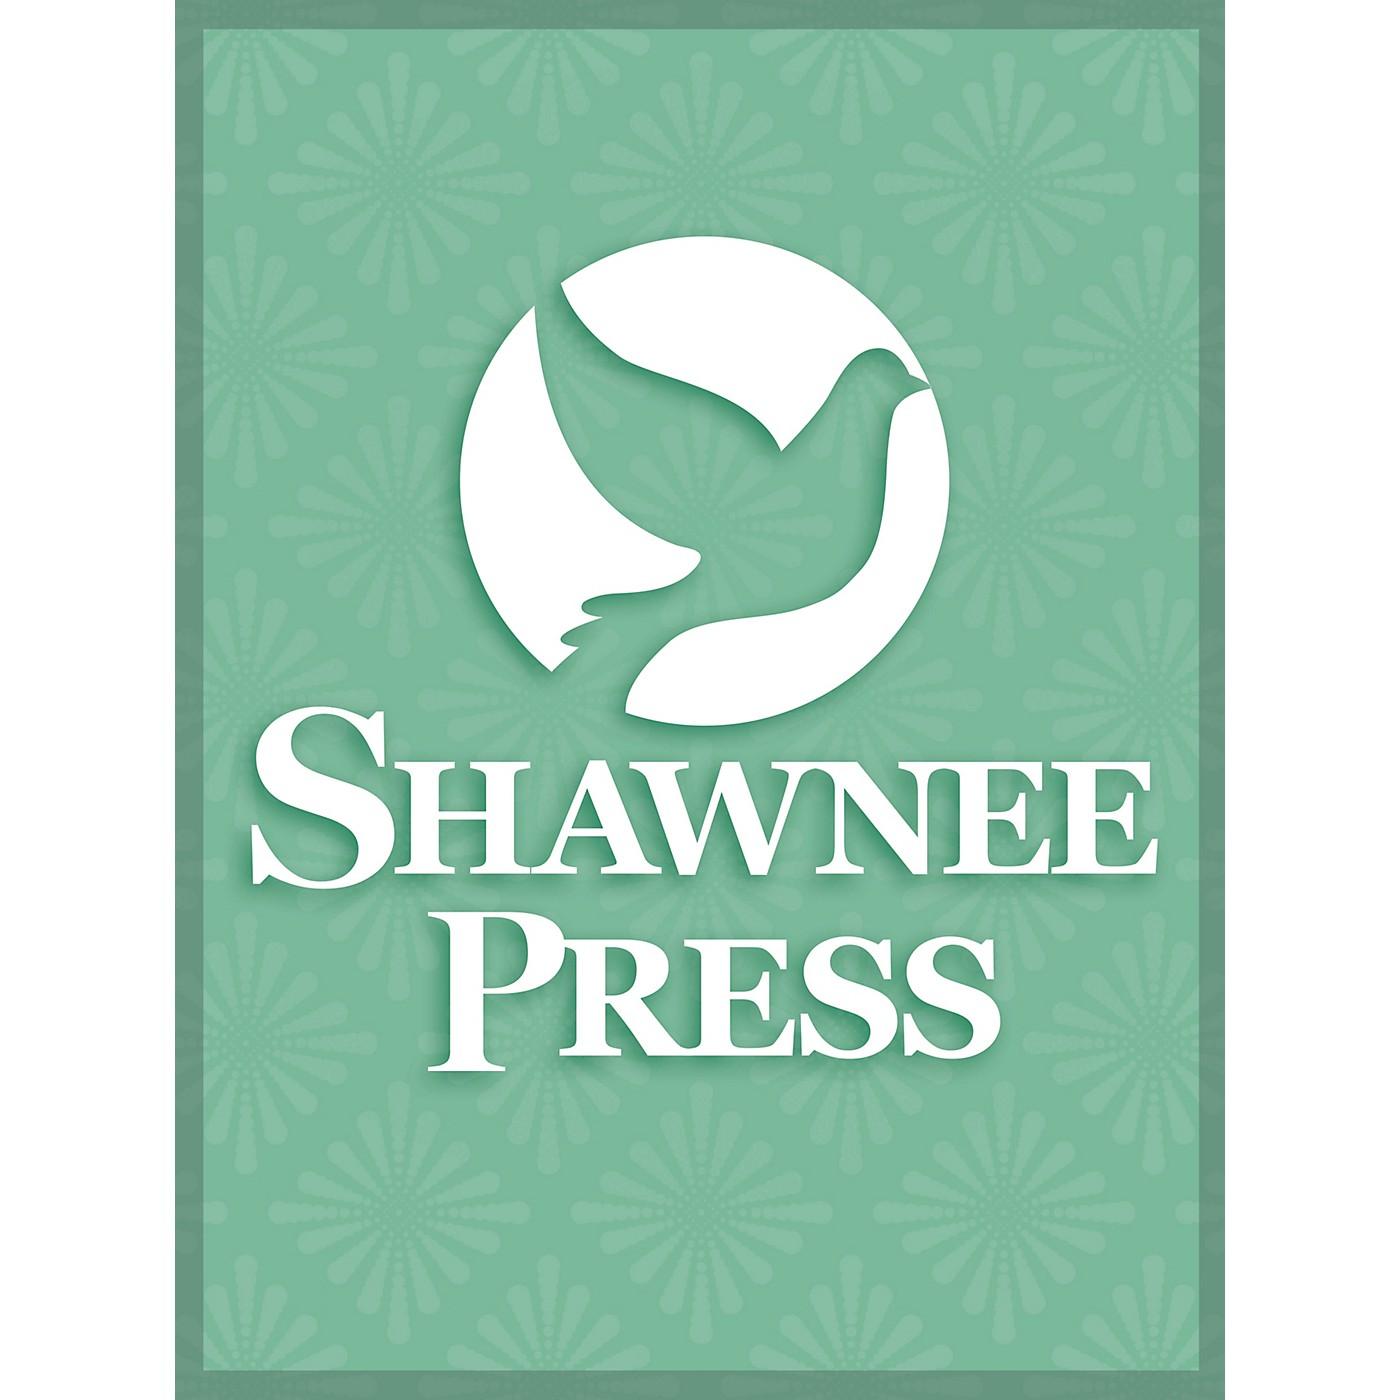 Shawnee Press Fanfare and Processional Shawnee Press Series thumbnail